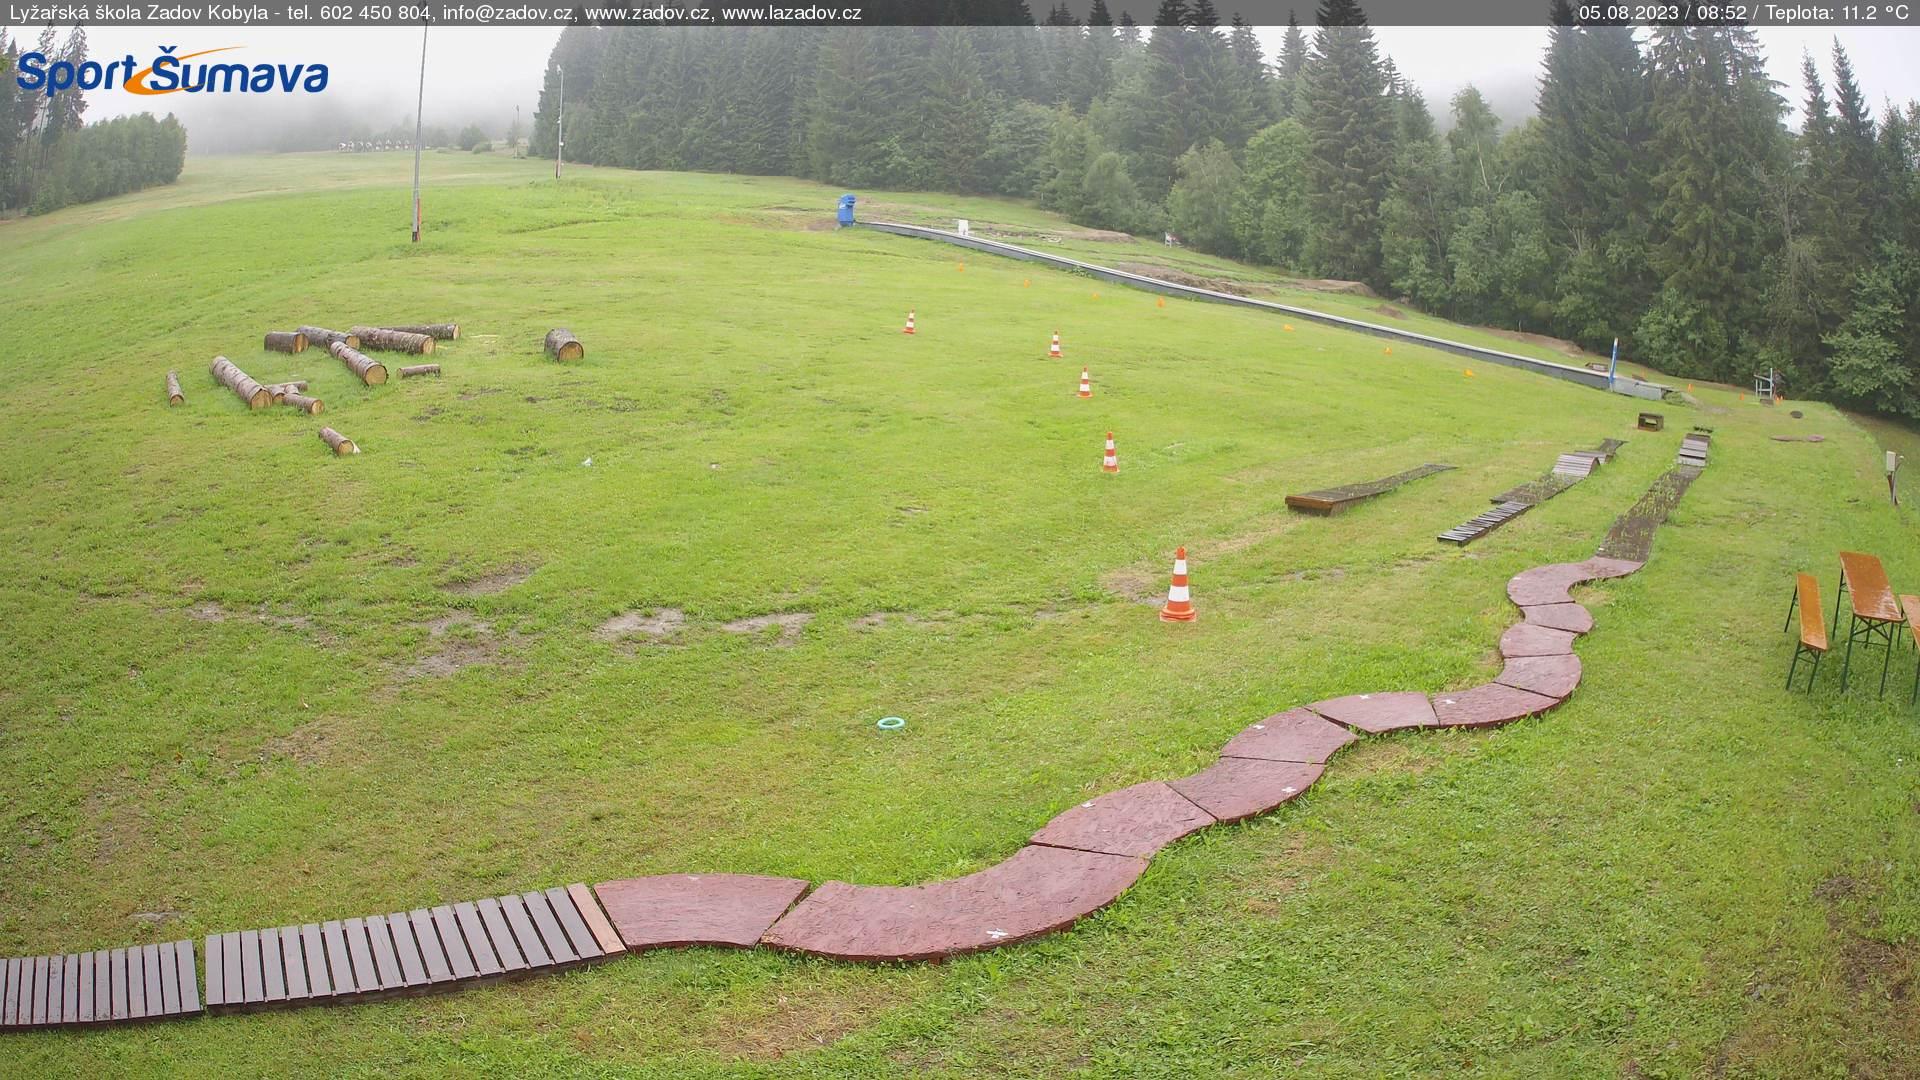 Webcam Ski Resort Zadov - Churanov Skischule - Bohemian Forest